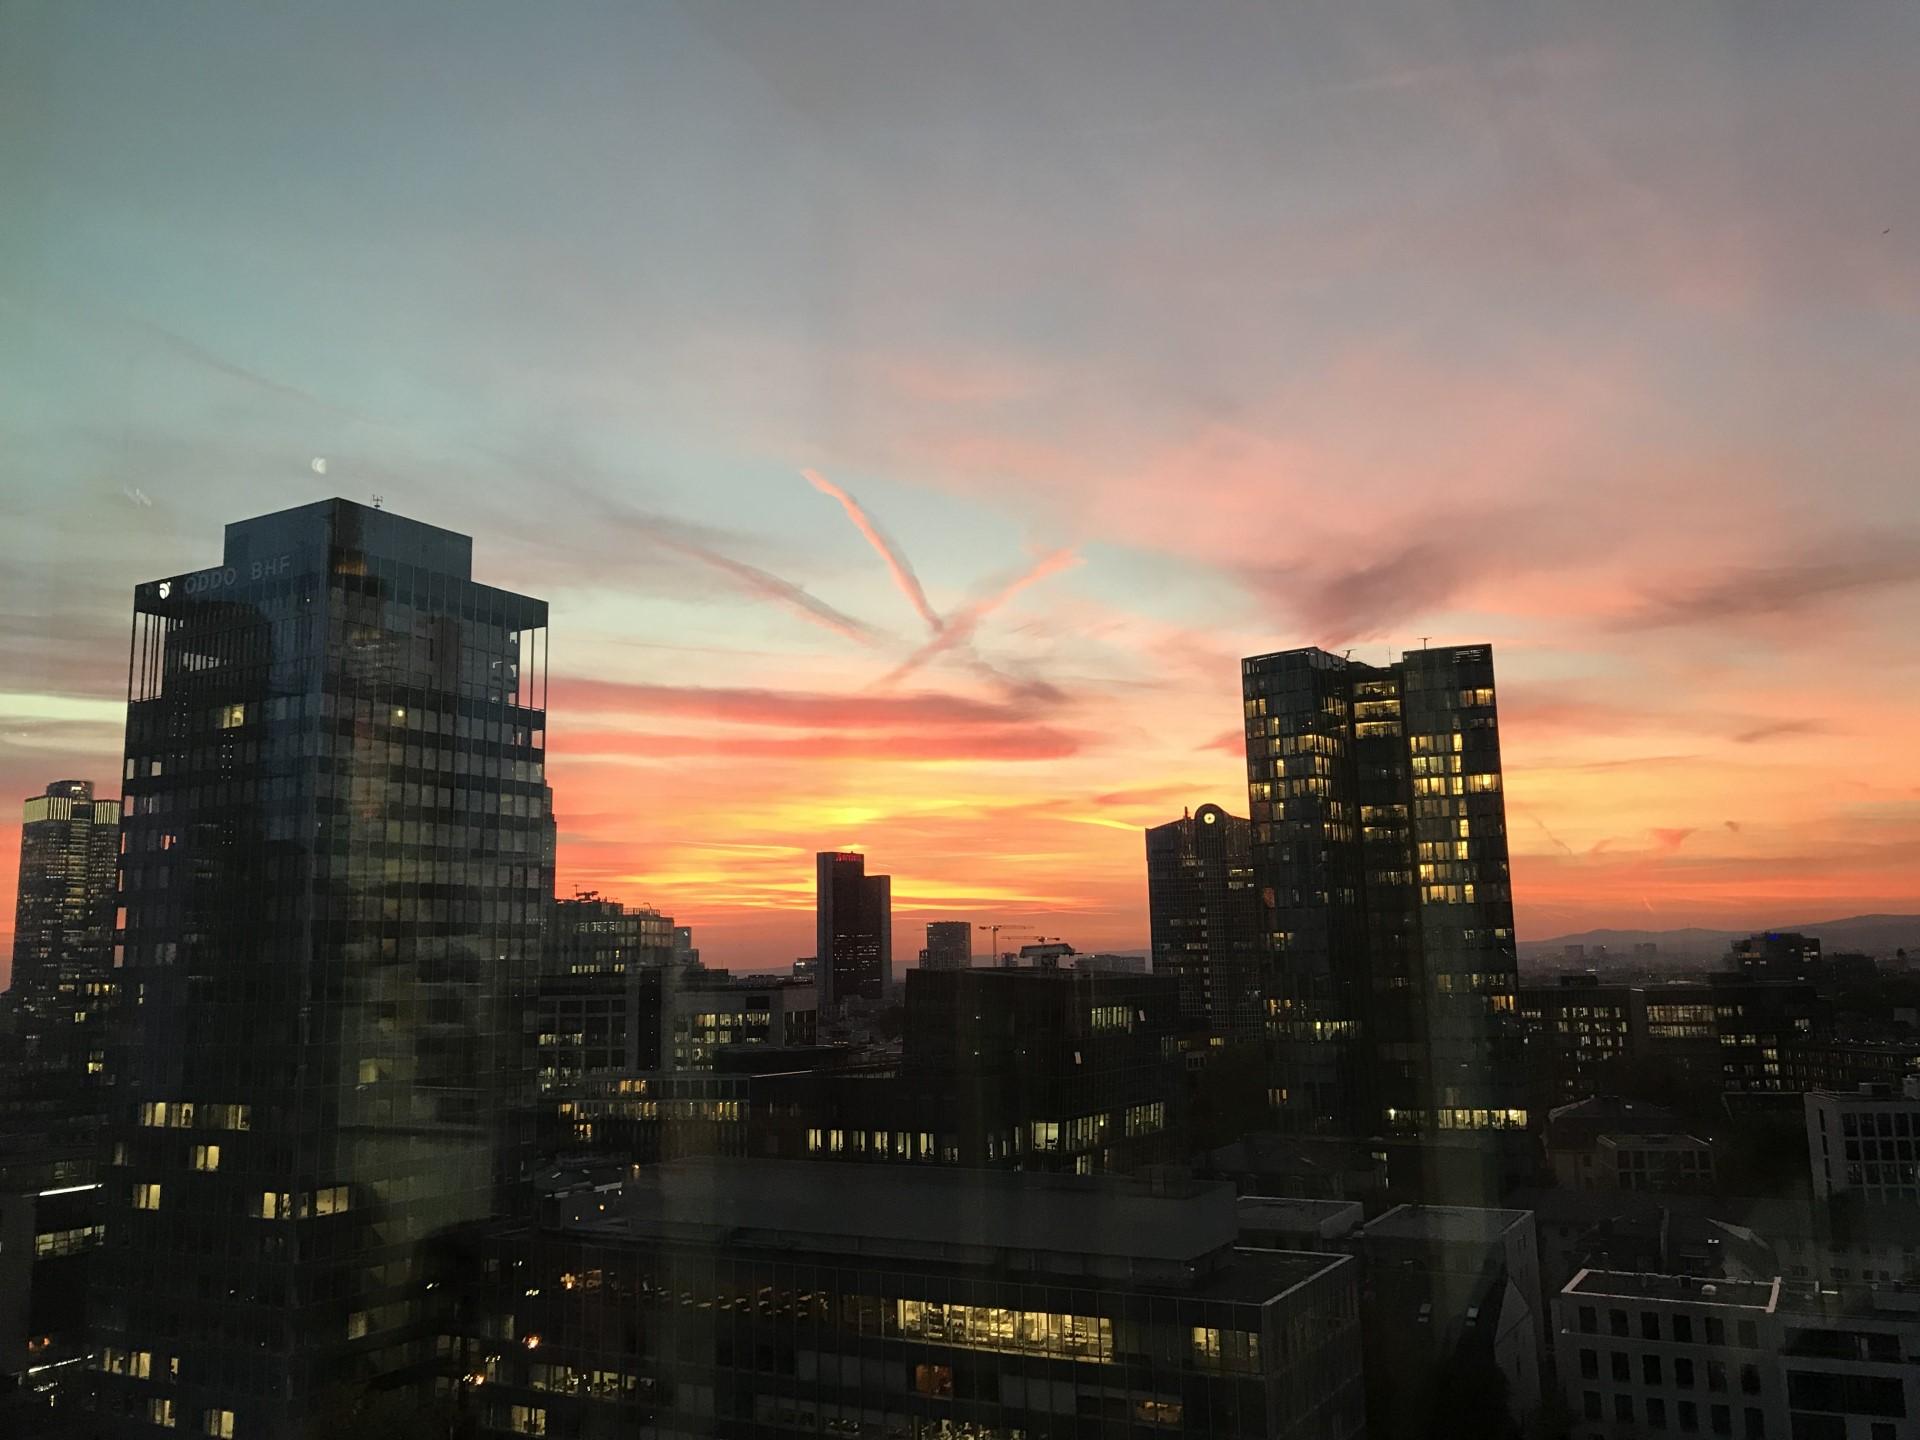 Über den Dächern von Frankfurt- Abendromantik am Frankfurter Standort.